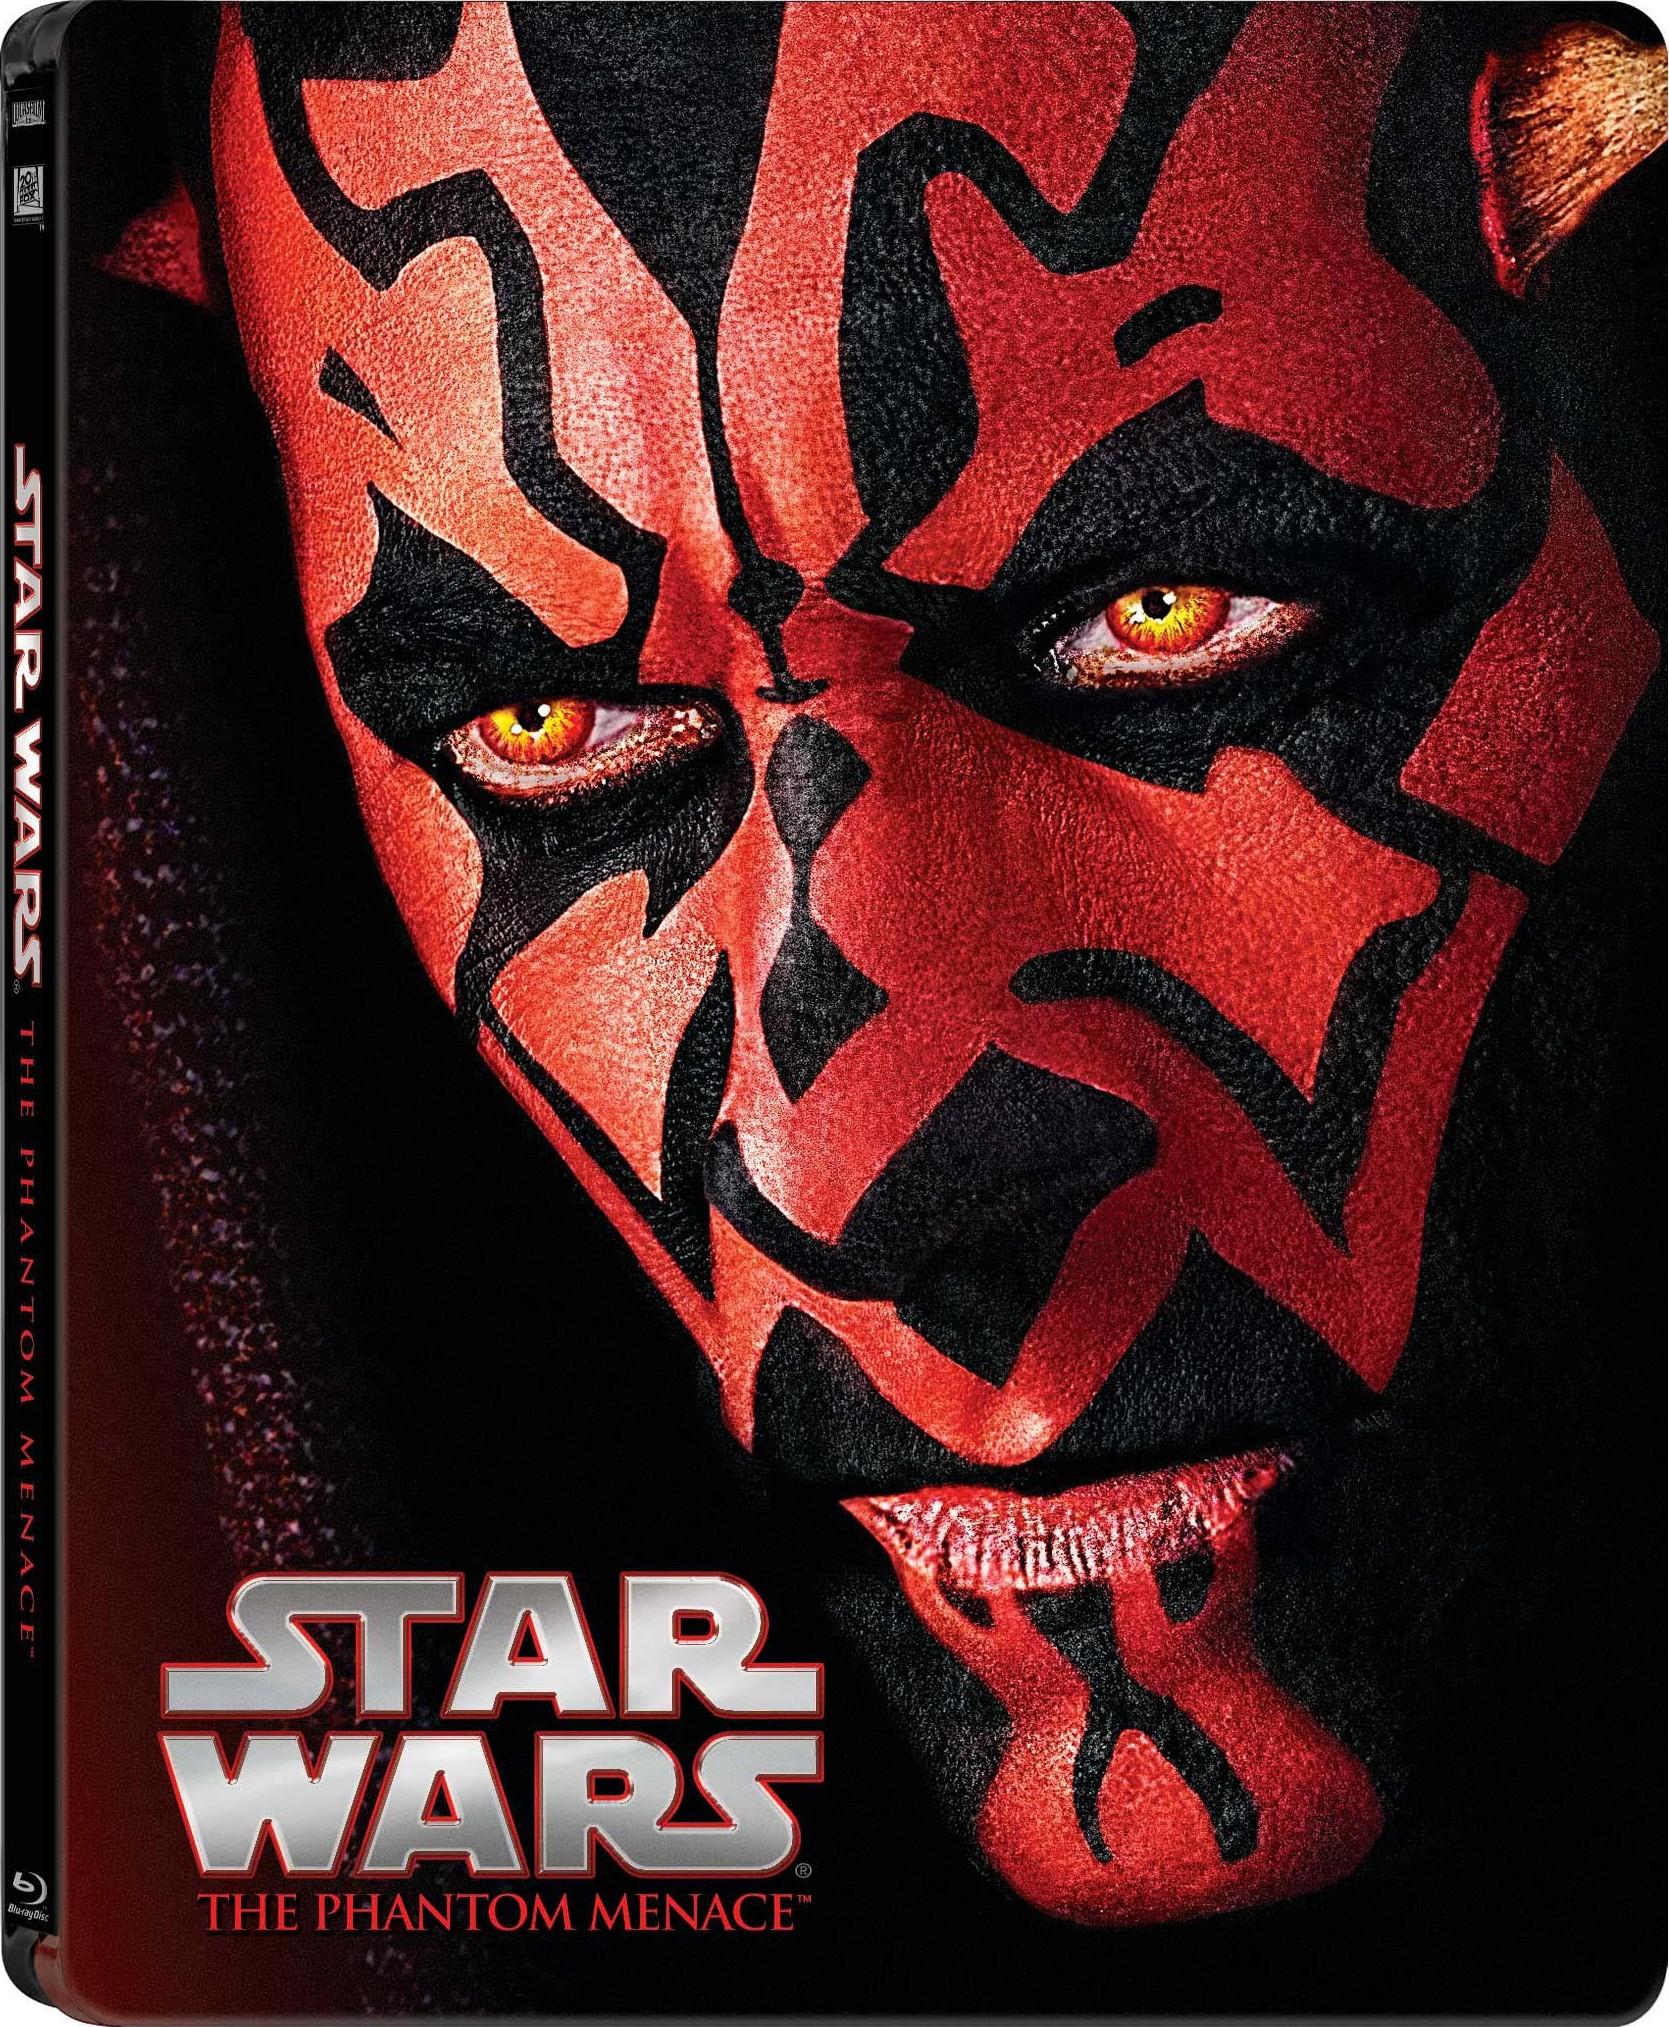 Star Wars Phantom Menace SteelBook